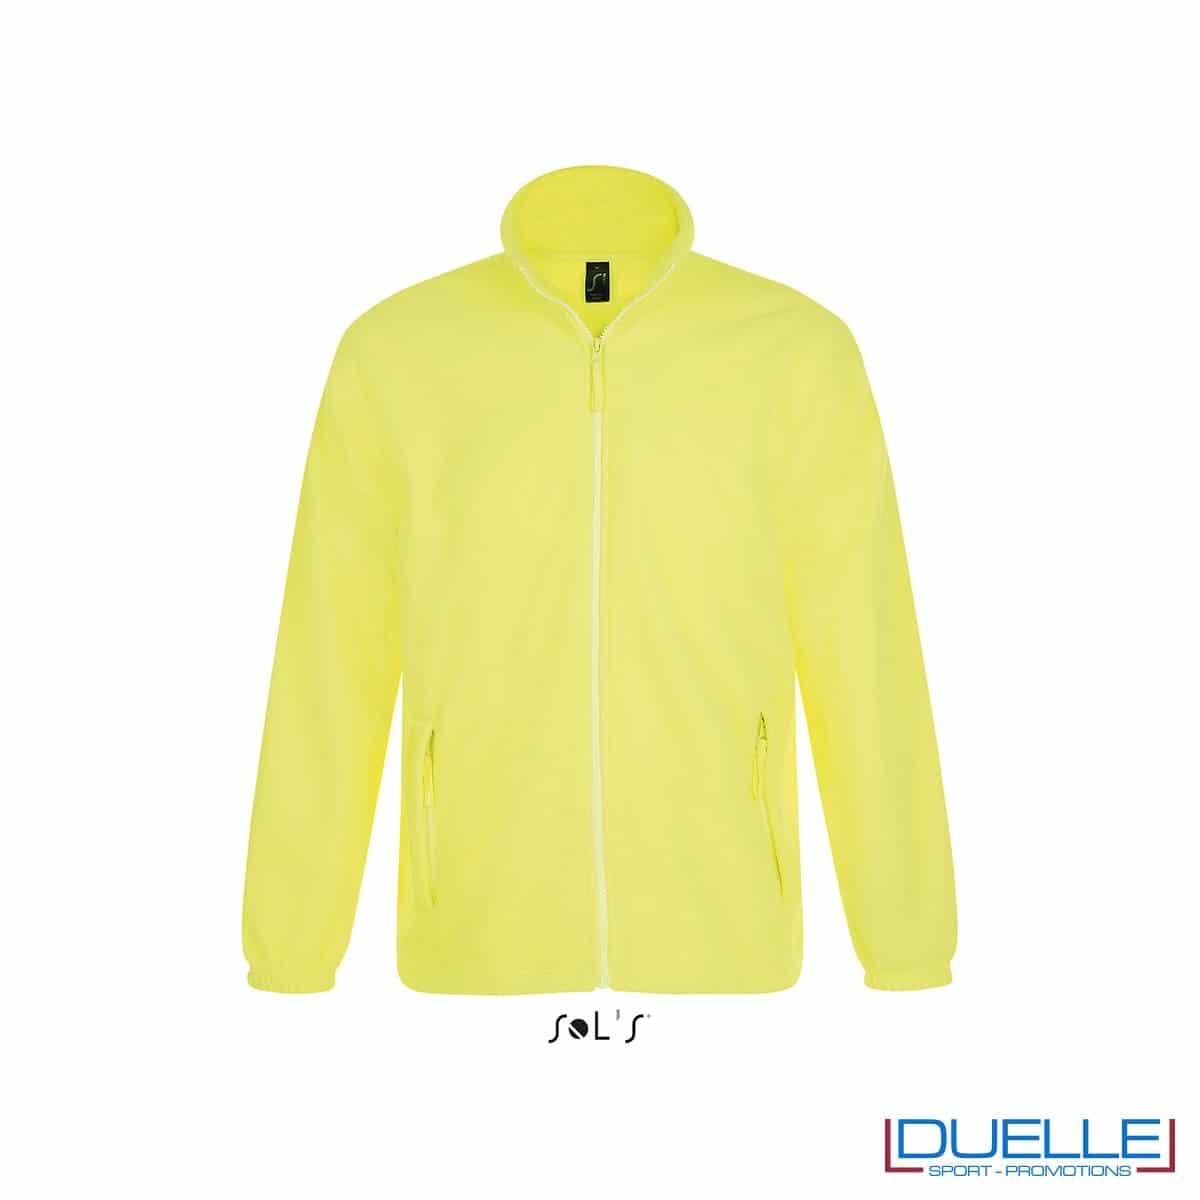 Felpa personalizzata pile uomo colore giallo fluo